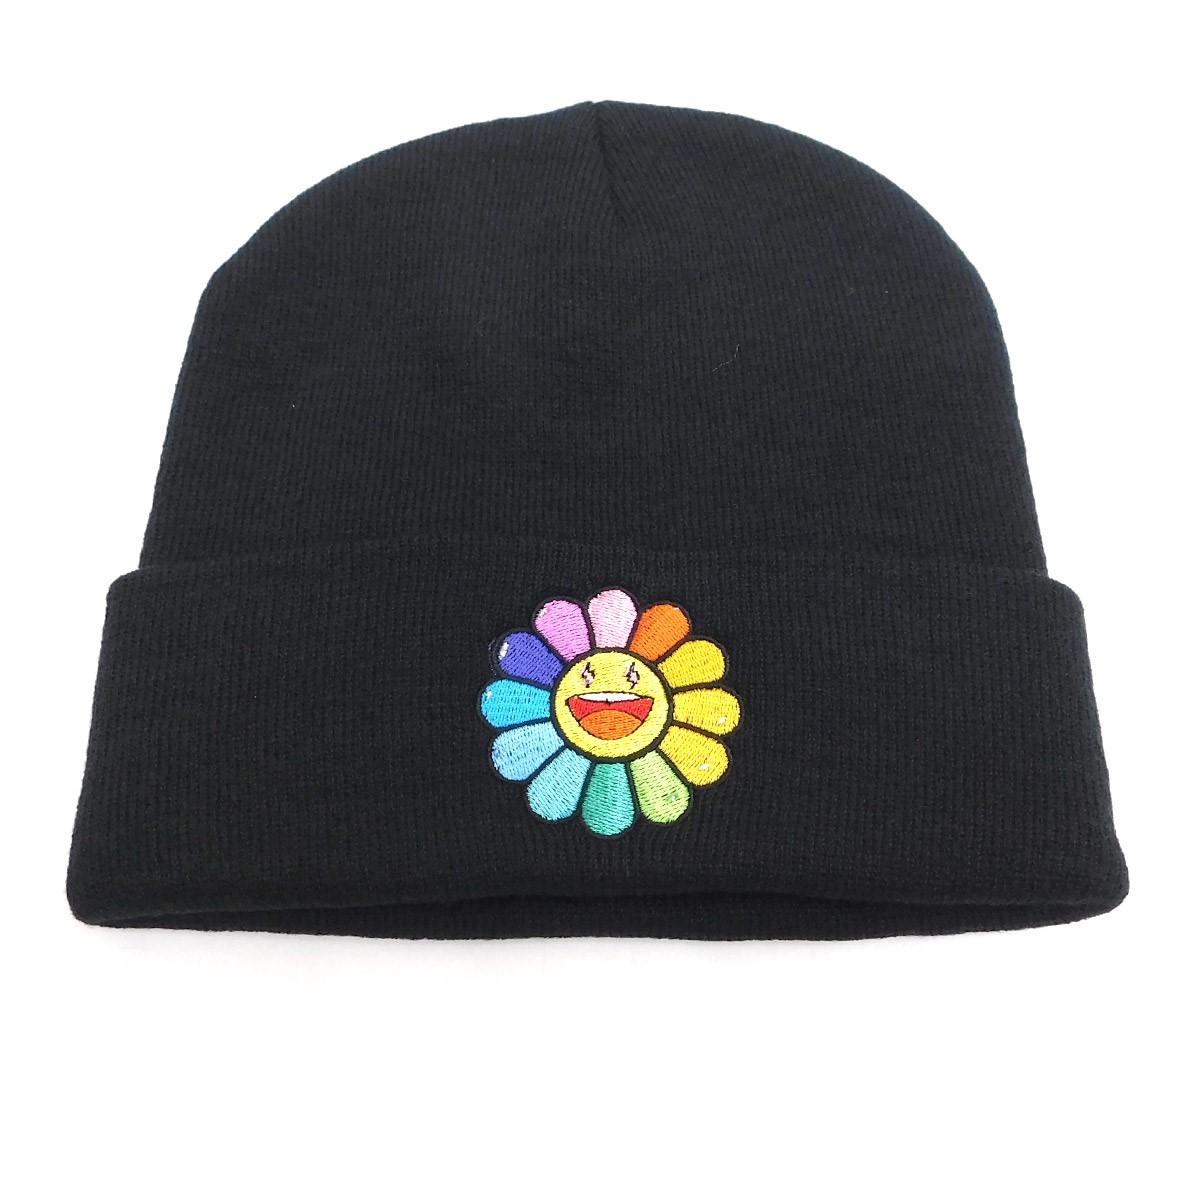 【中古】J.Balvin×Takashi Murakami 2020SS Rainbow Flower Beanie ビーニー ブラック サイズ:F 【040820】(J.バルヴィン 村上隆)